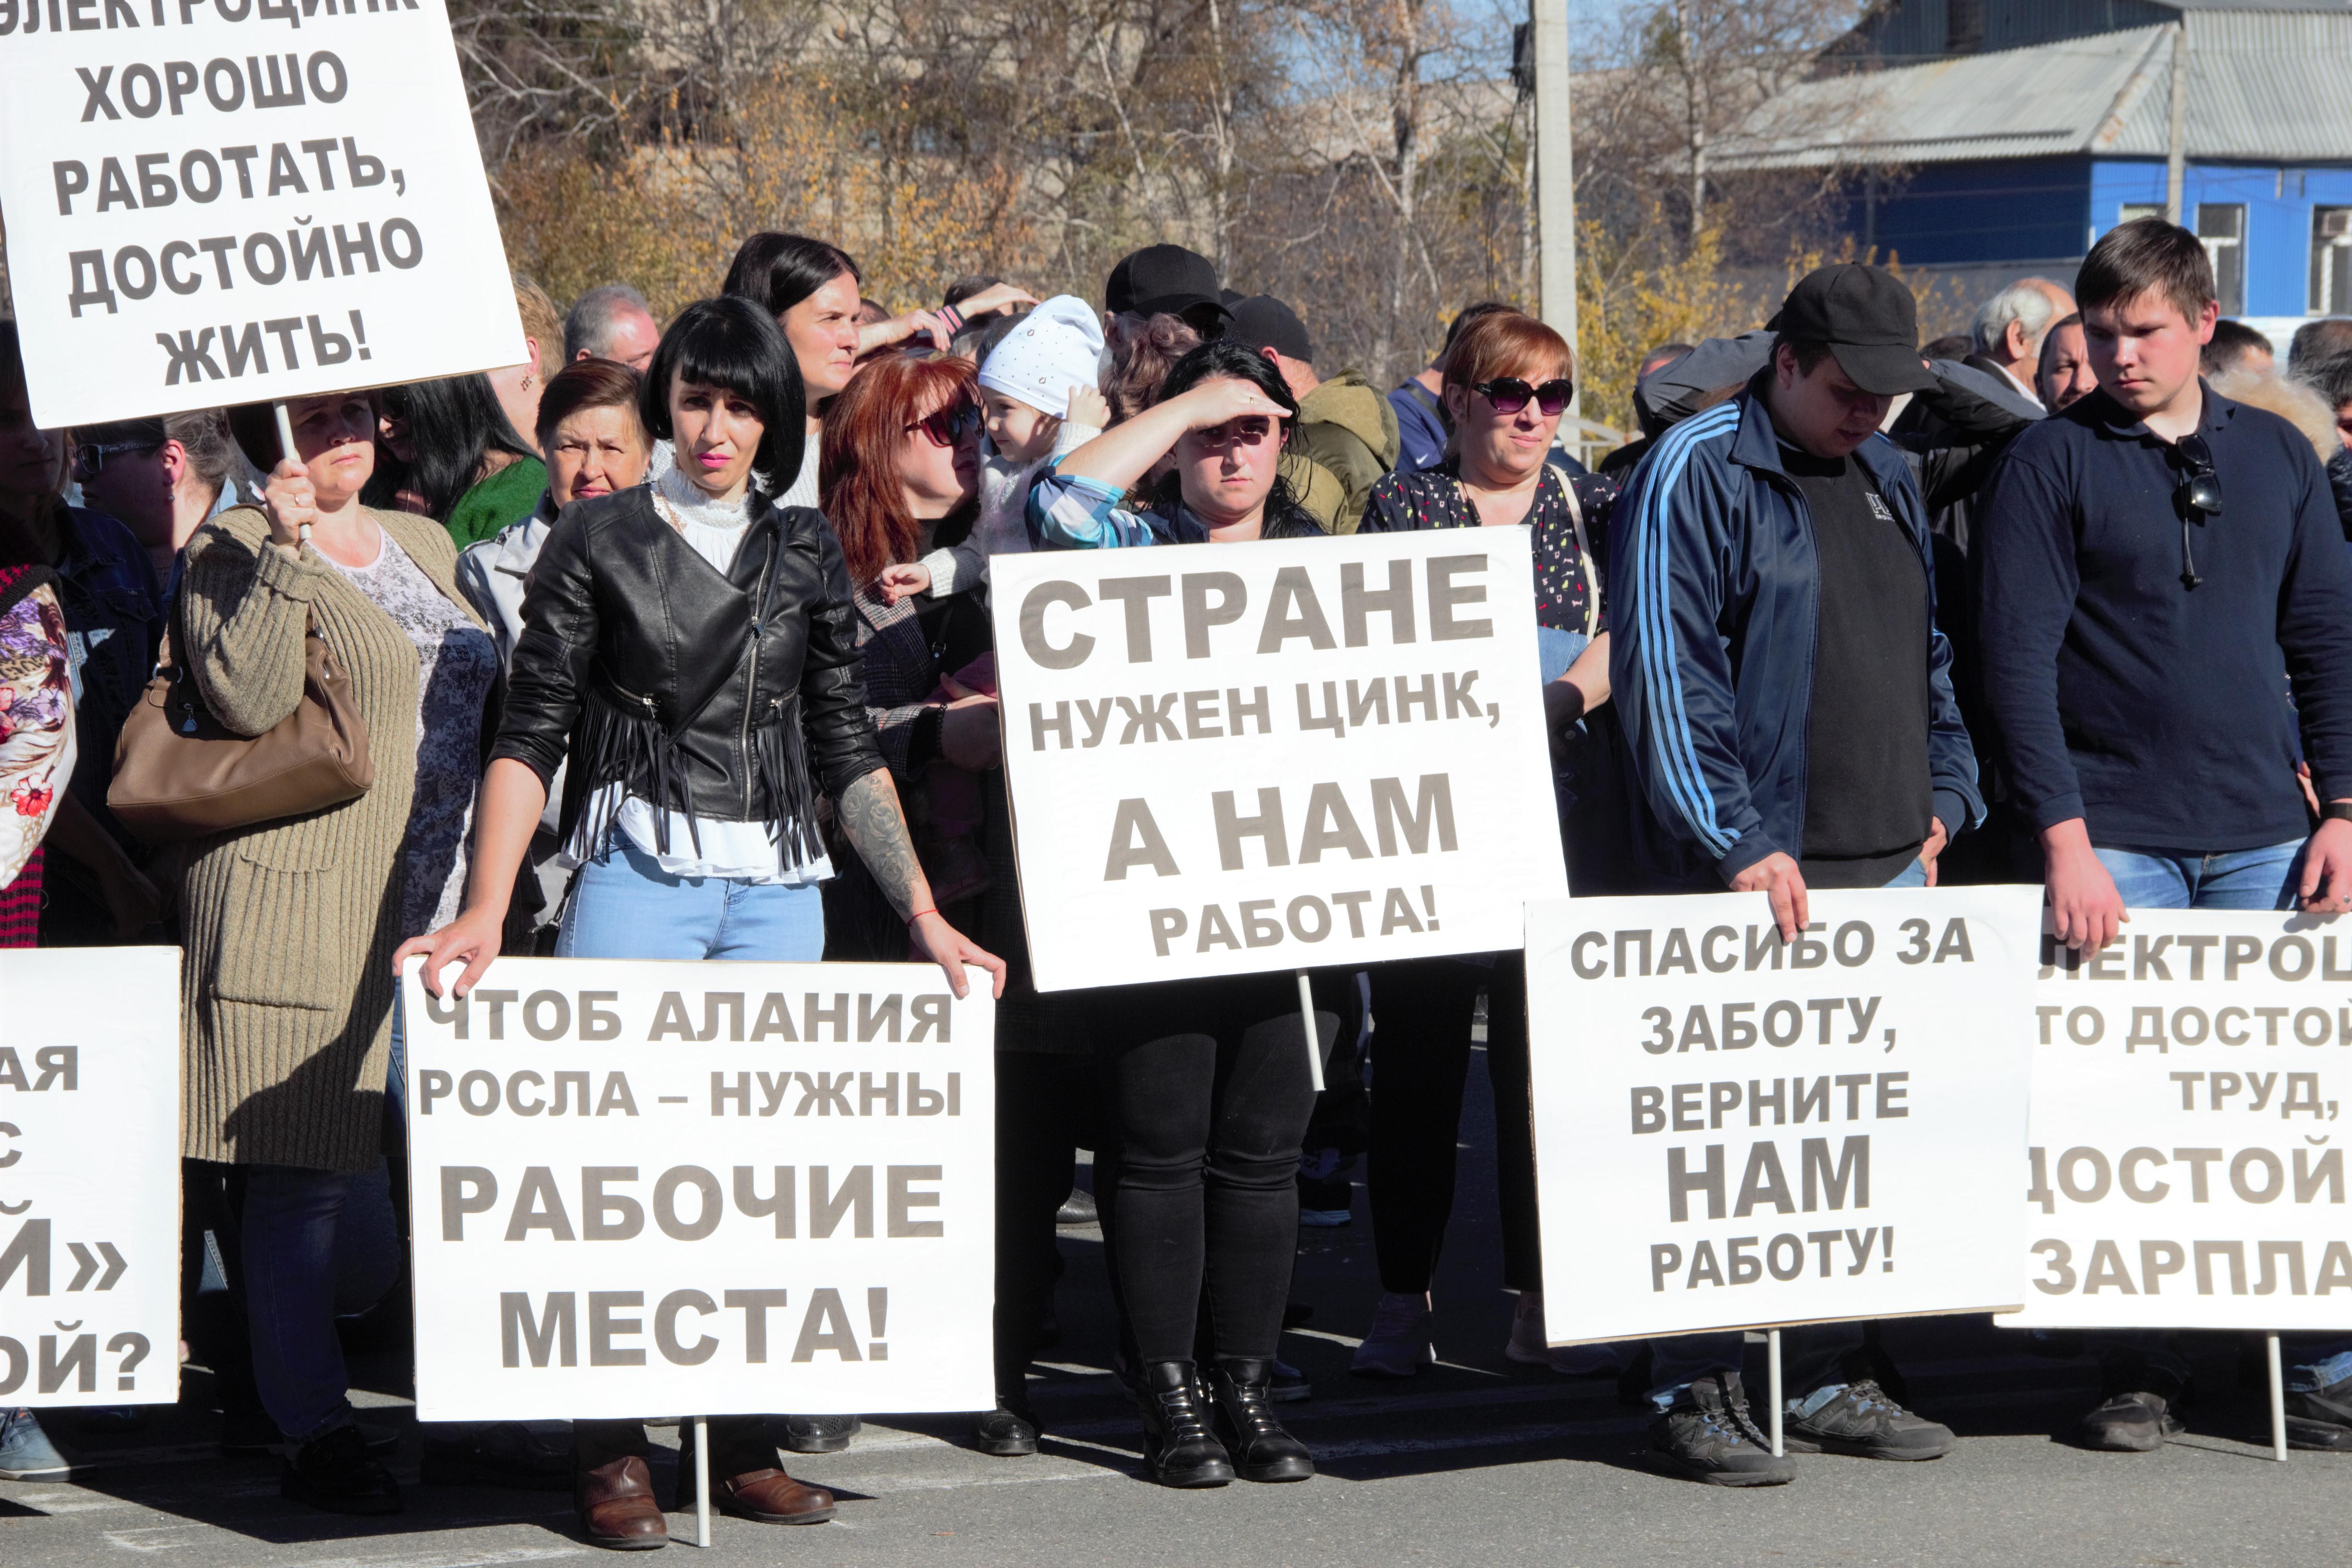 Бывшие сотрудники  «Электроцинка» вышли на митинг, требуя рабочих мест или восстановления завода